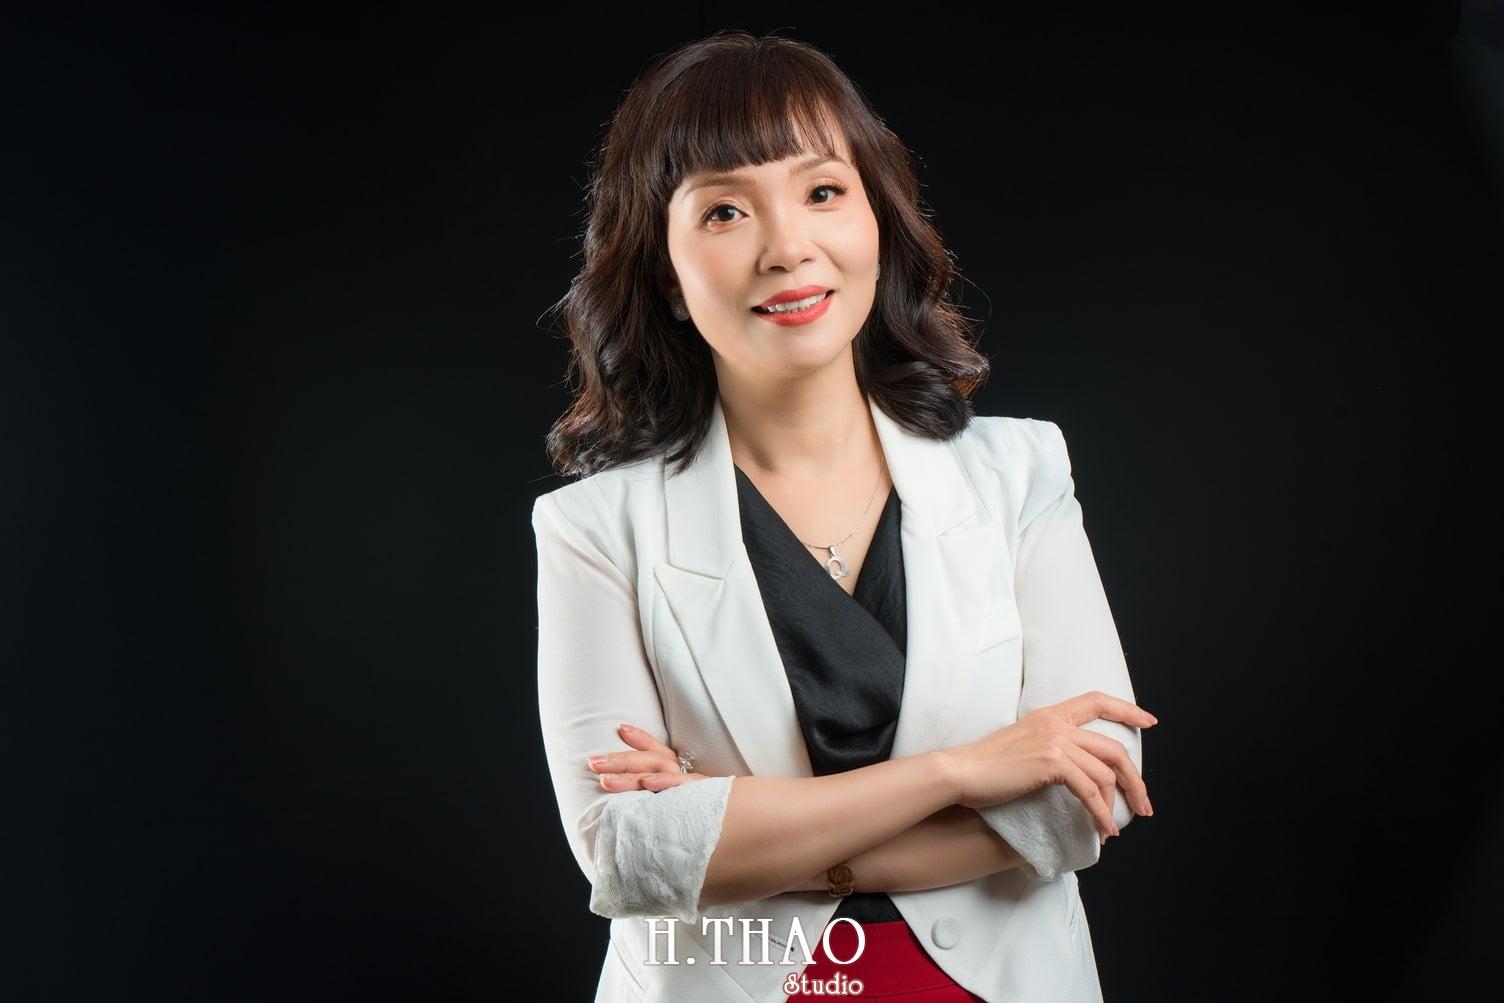 Chi Quynh 4 - Bộ ảnh Doanh nhân, Tiến sĩ V.T.B Quỳnh đẹp, sang trọng - HThao Studio